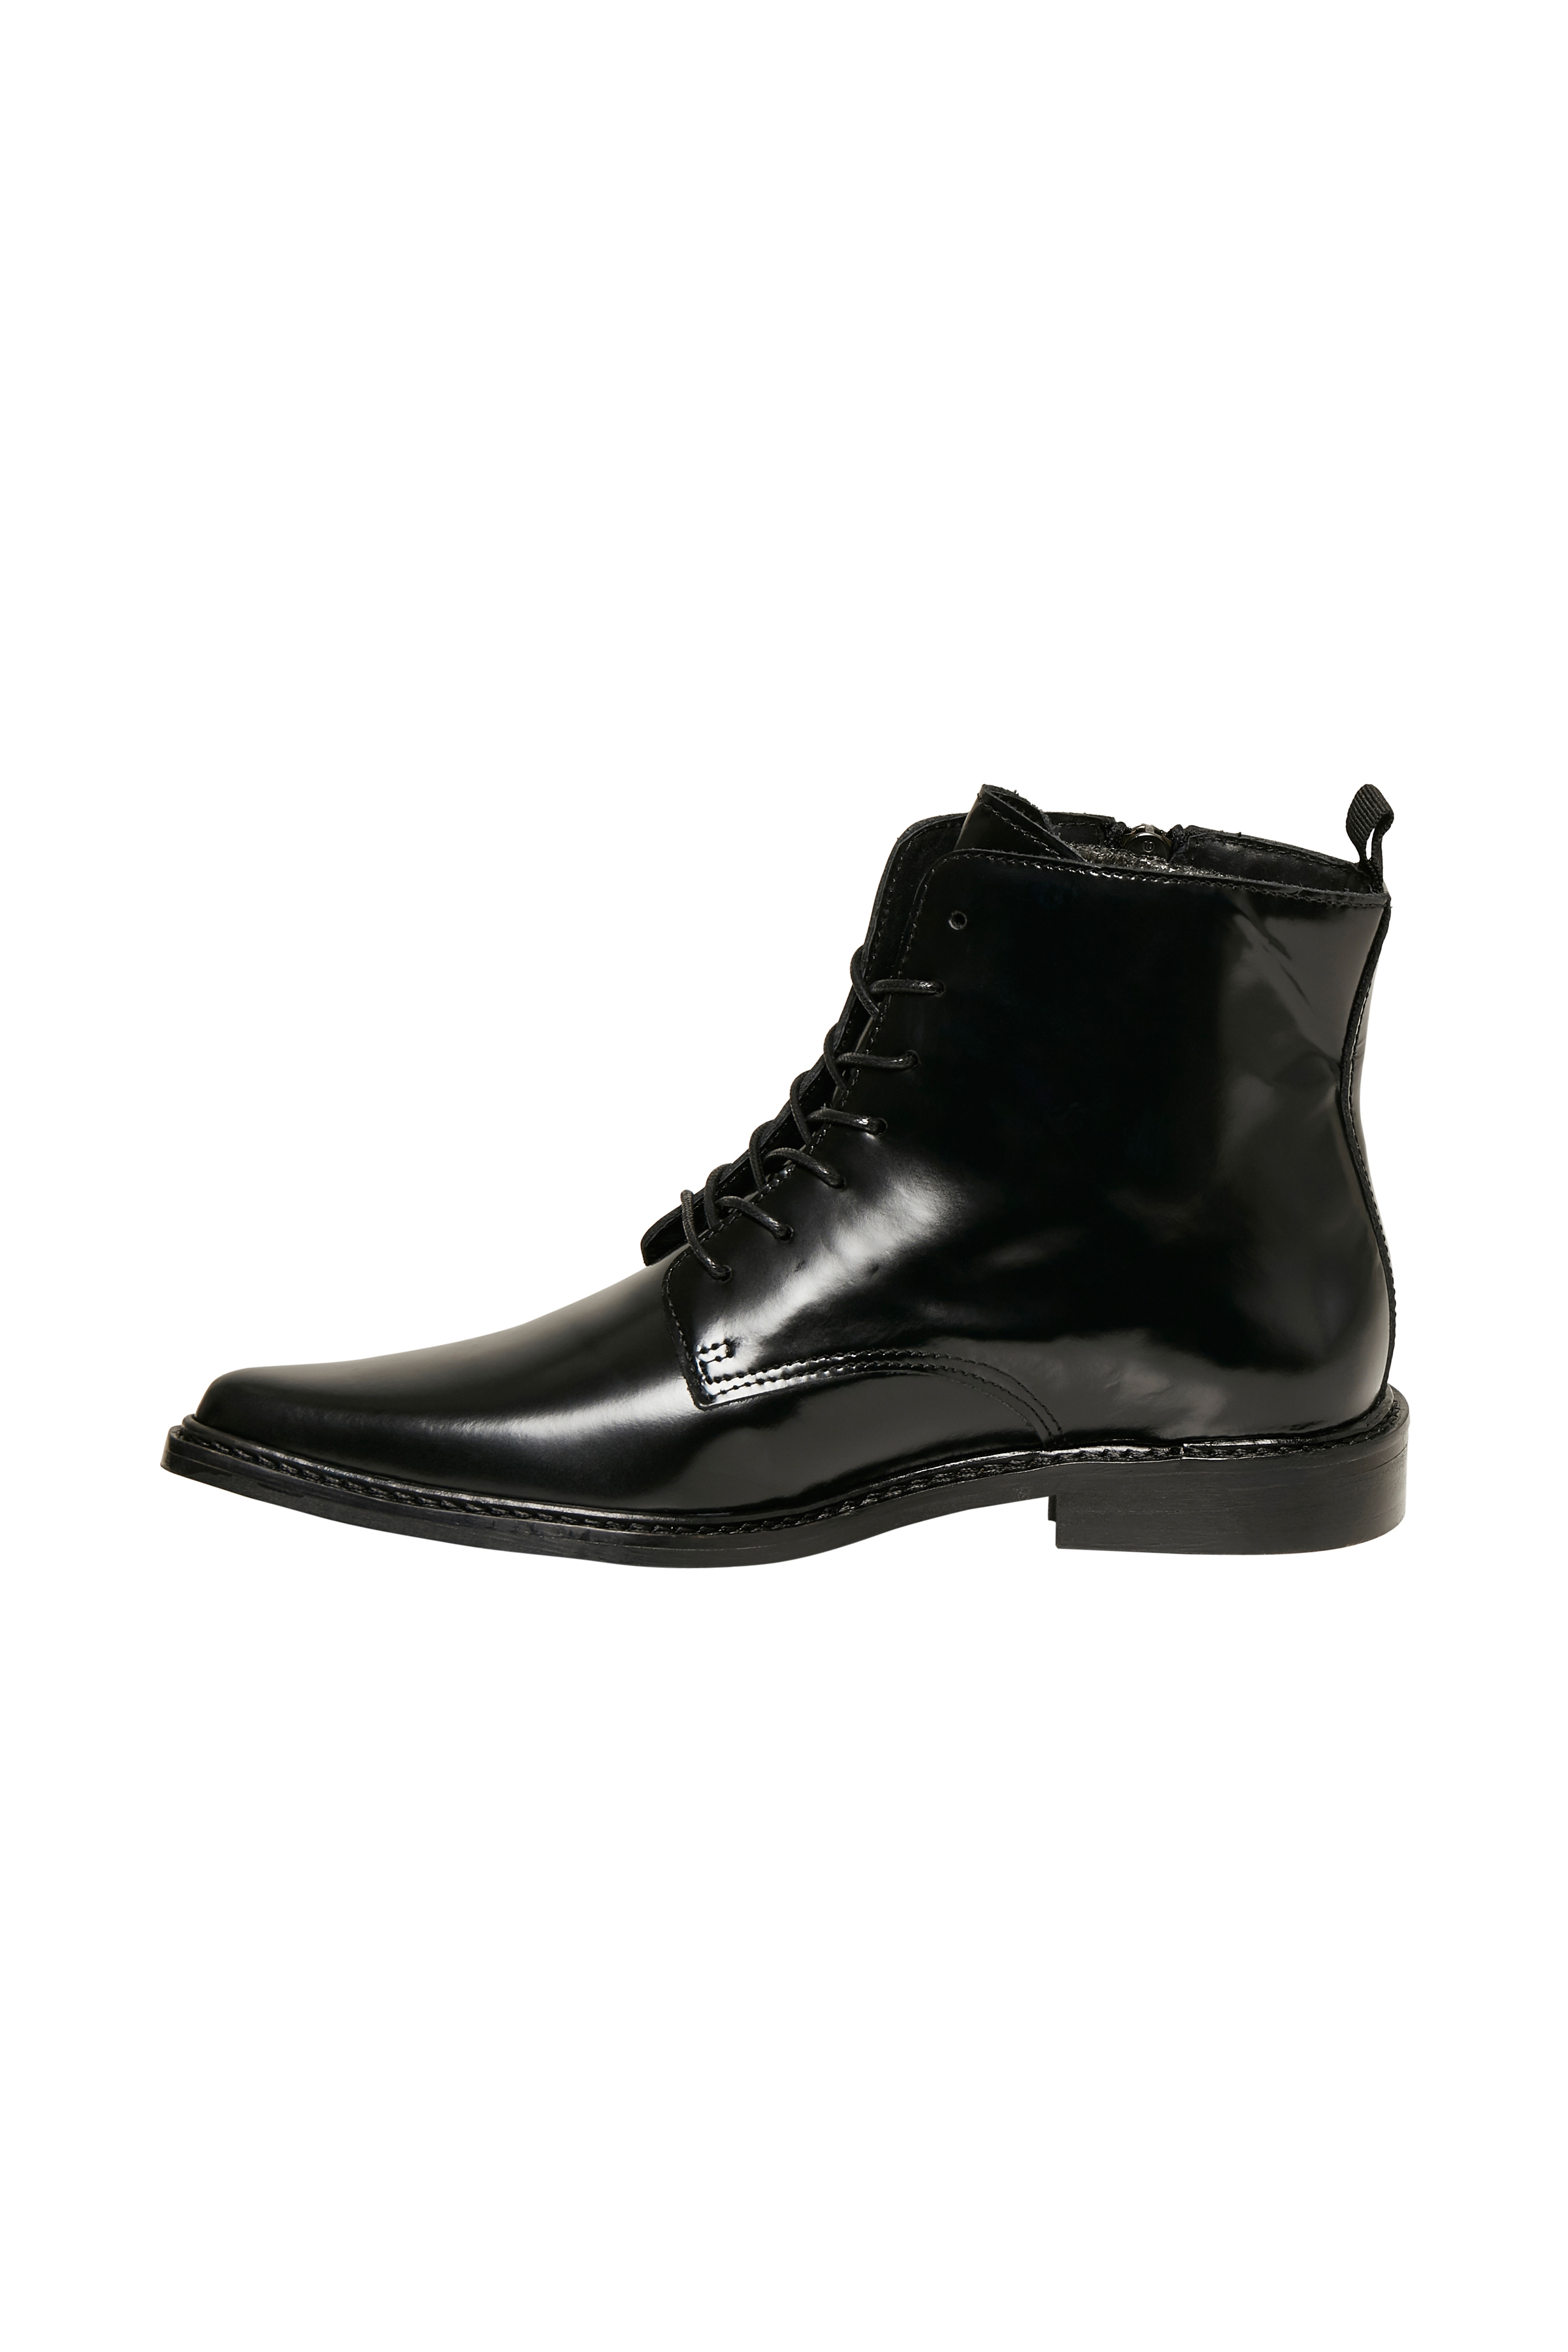 Schwarz Stiefel von Cream Accessories – Shoppen Sie Schwarz Stiefel ab Gr. 36-41 hier